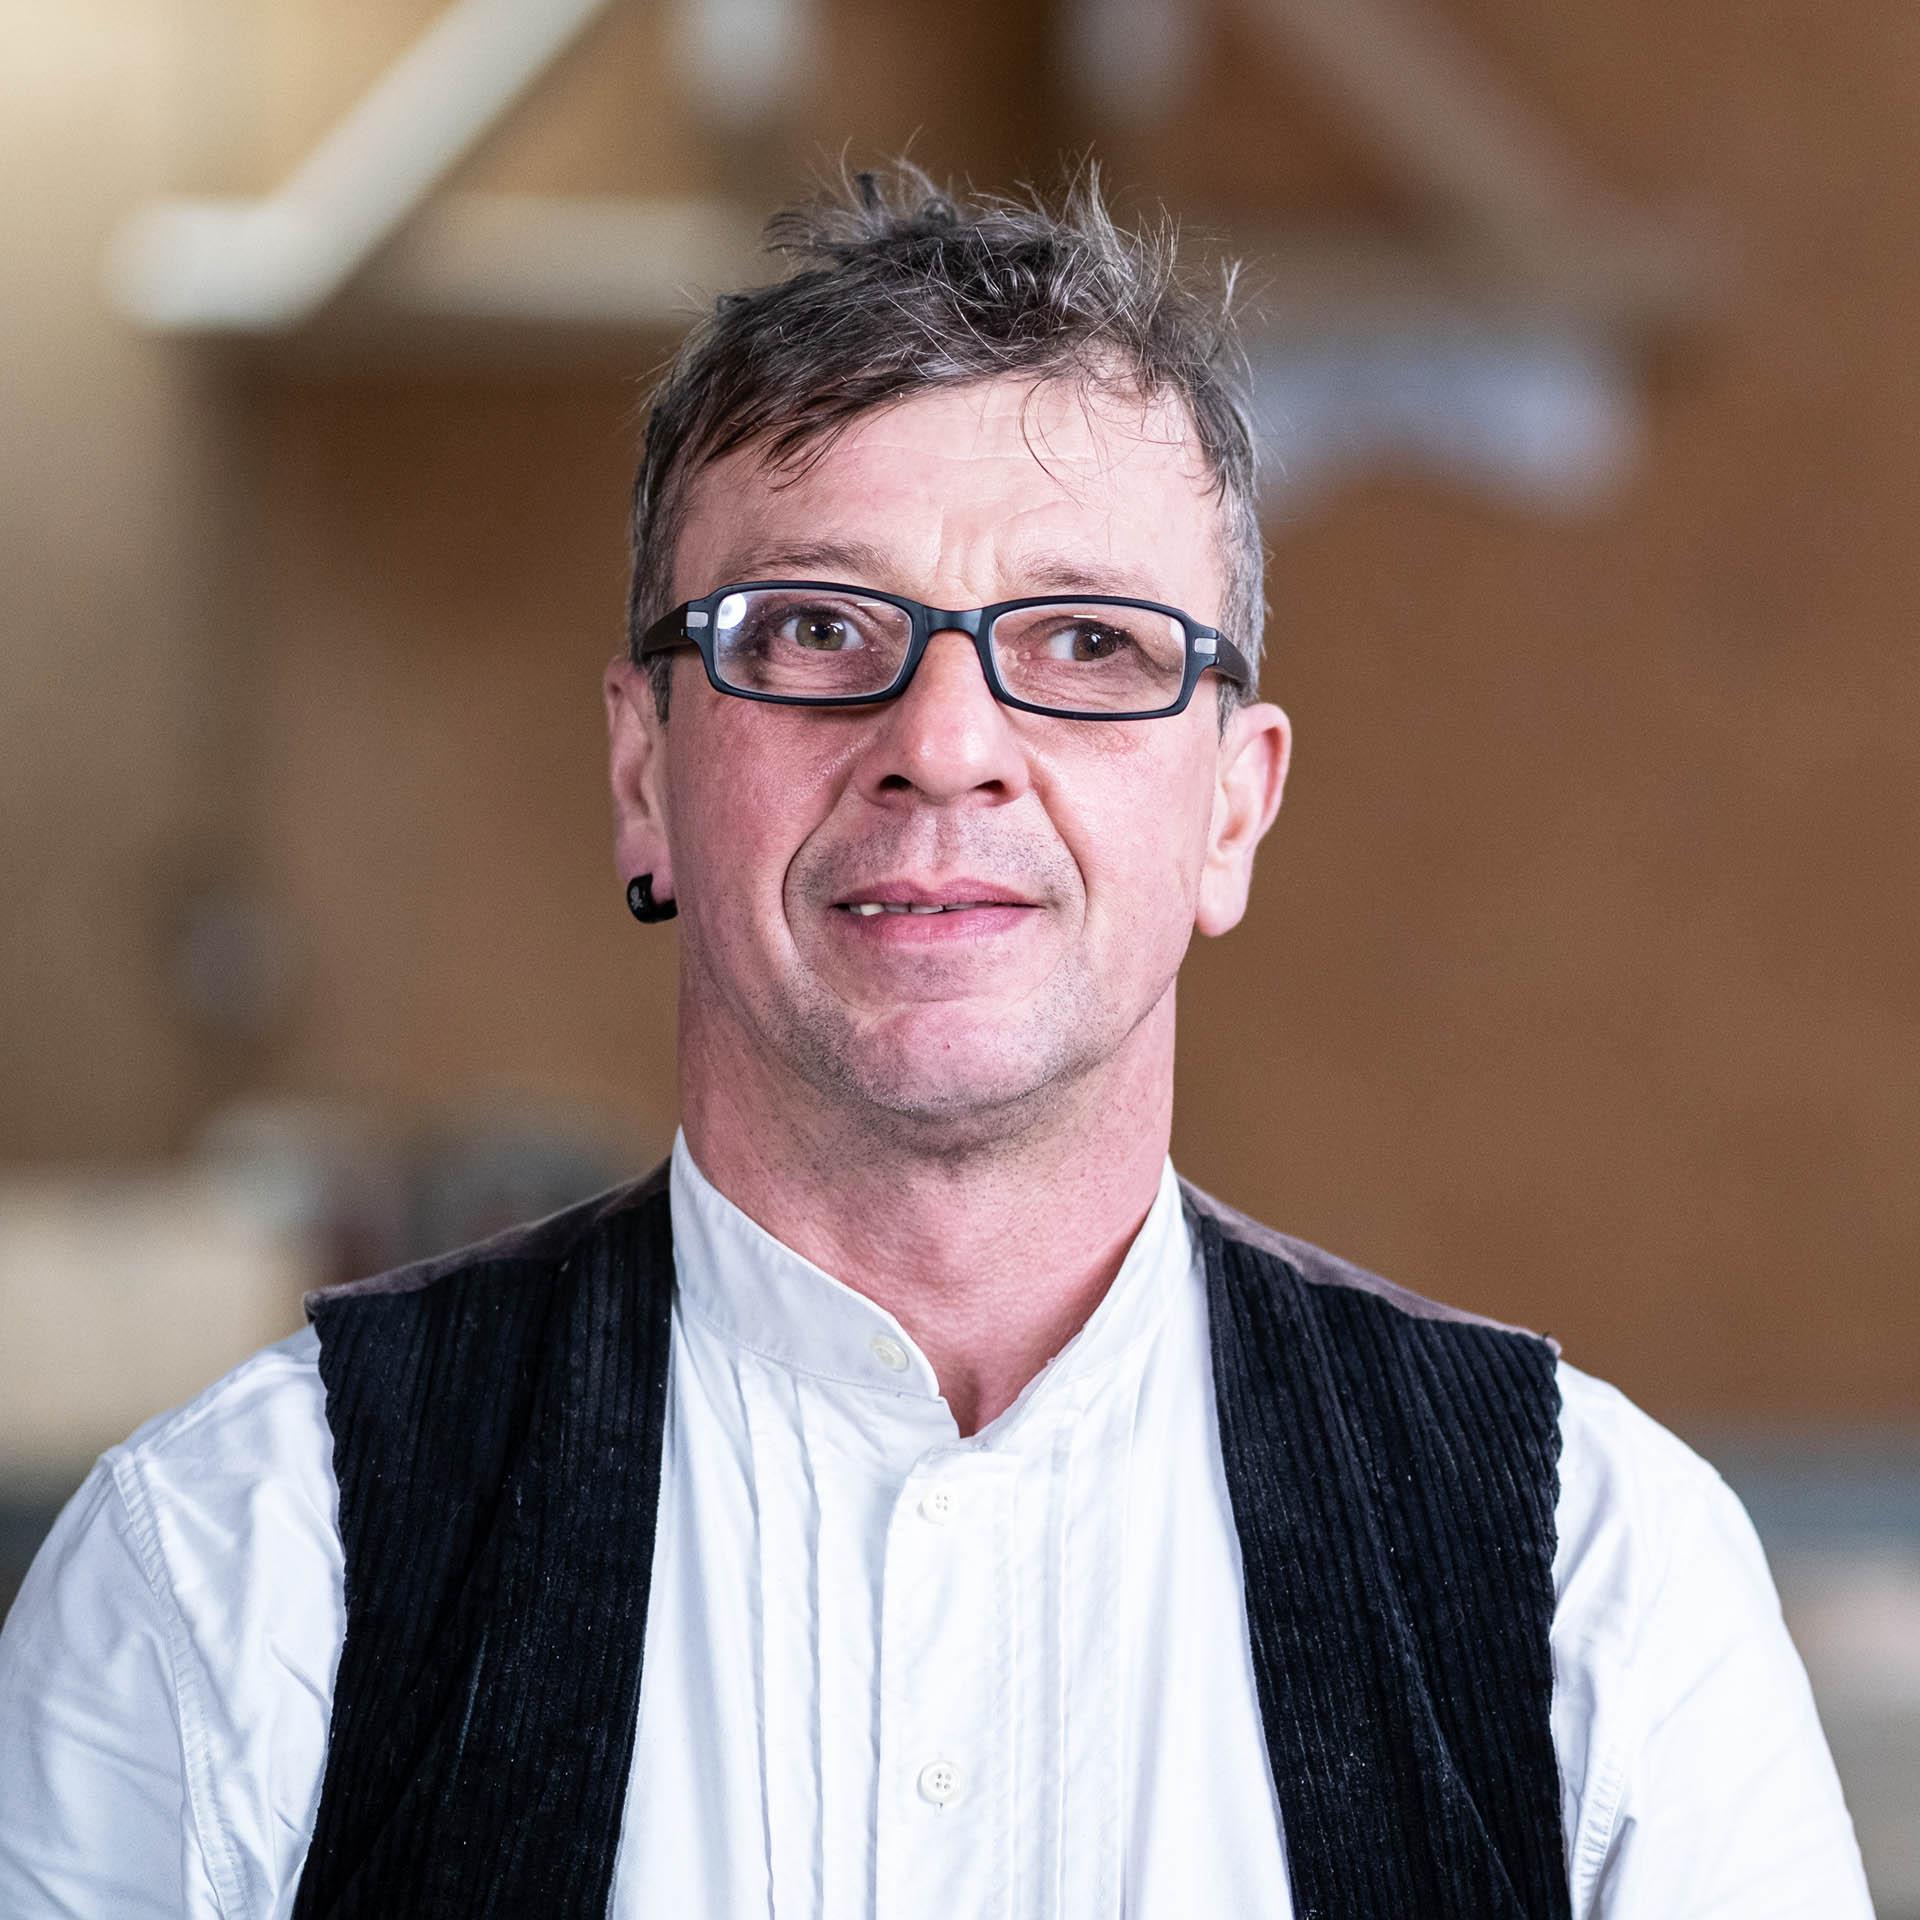 Gordon Nemitz